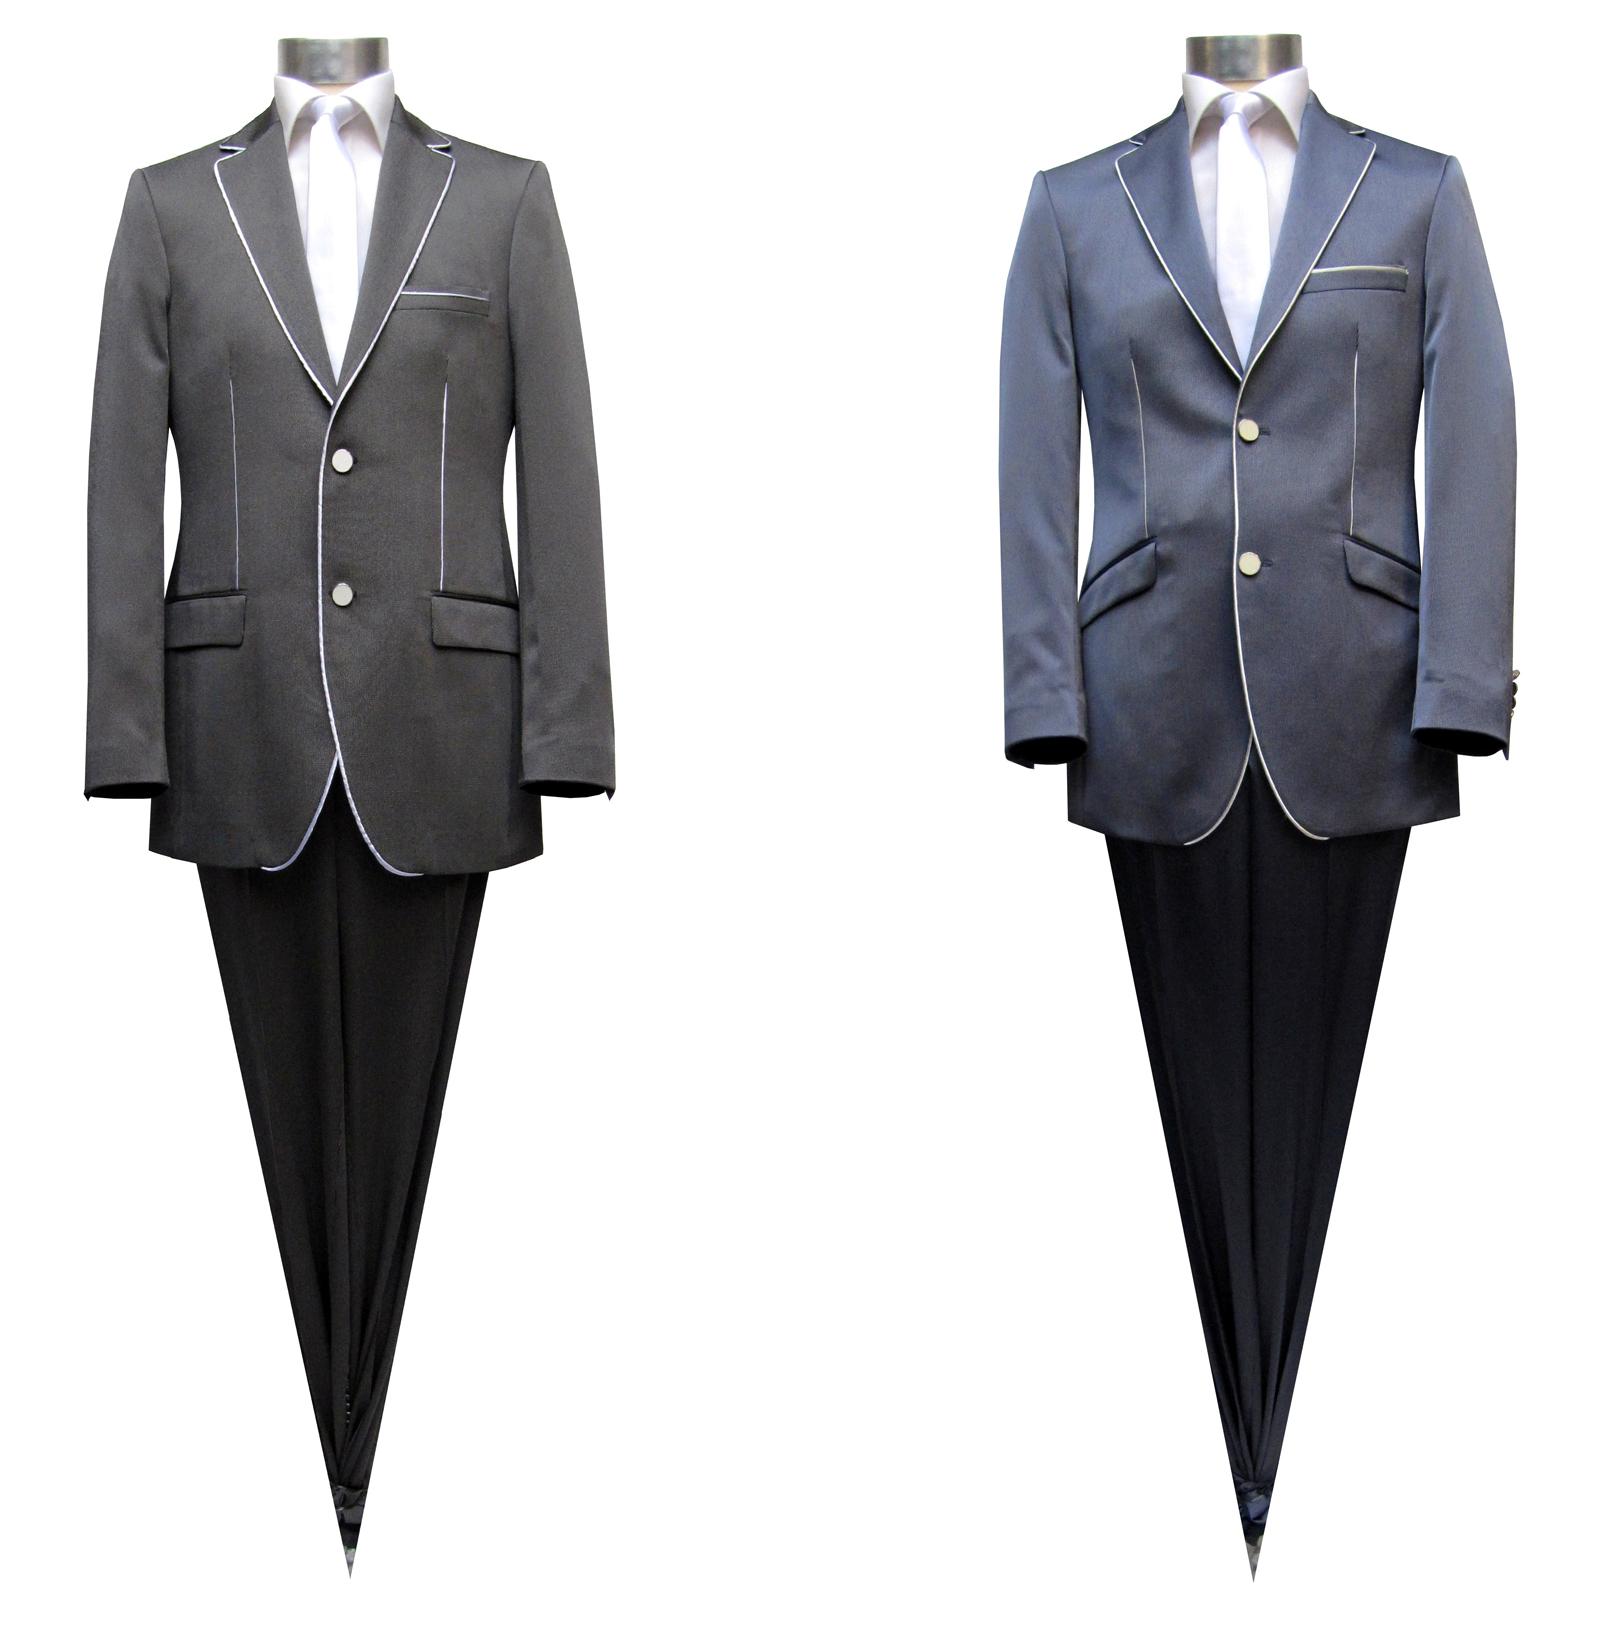 Muga Mariage Costume Limited Edition Design by MUGA ® 644e8c9fe8b